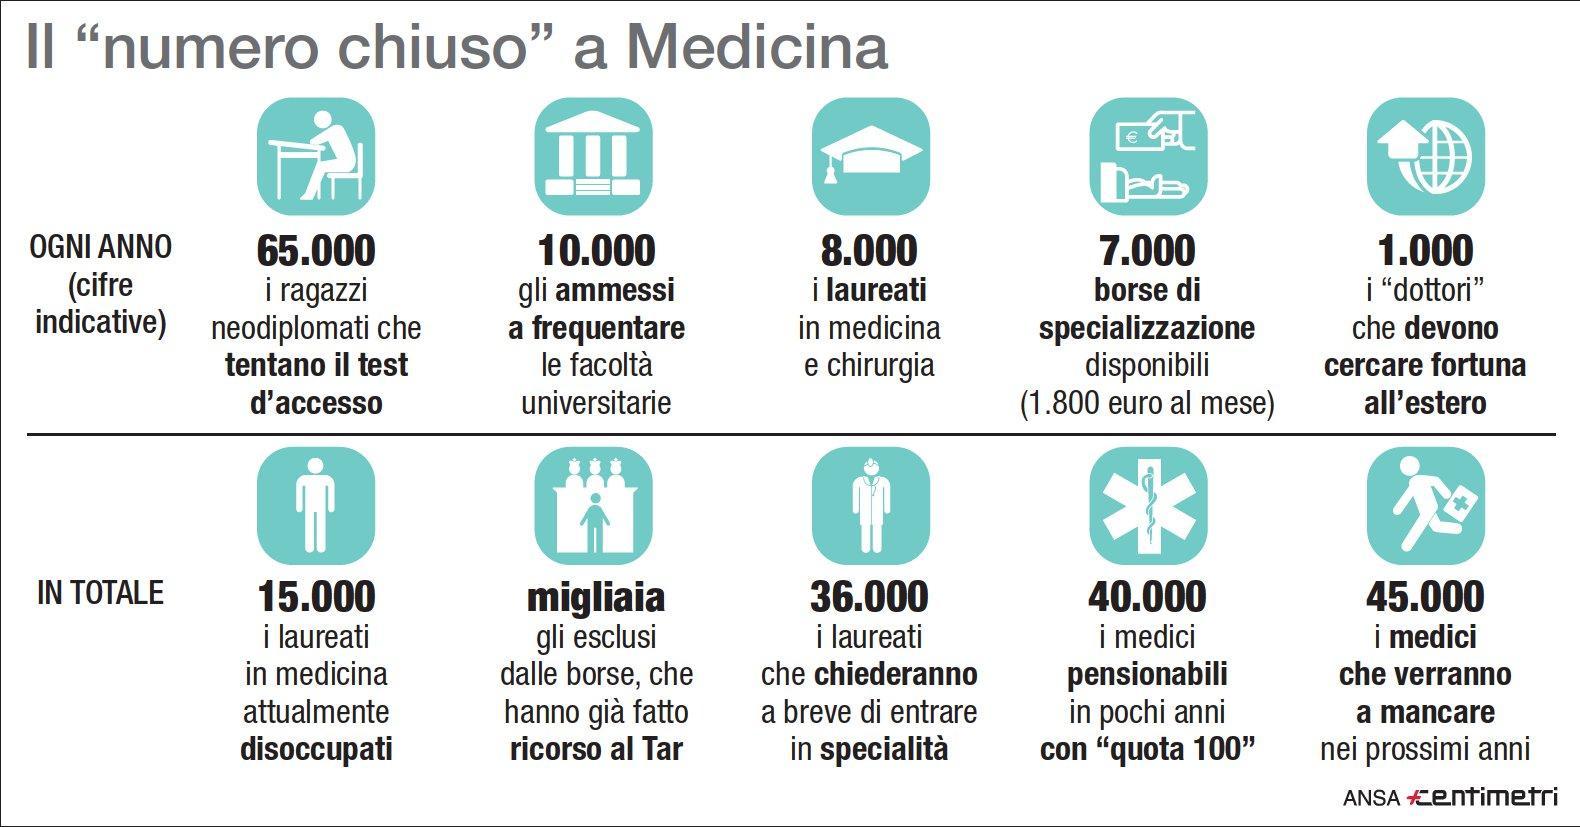 Allarme Ordine dei Medici: con stop numero chiuso migliaia disoccupati